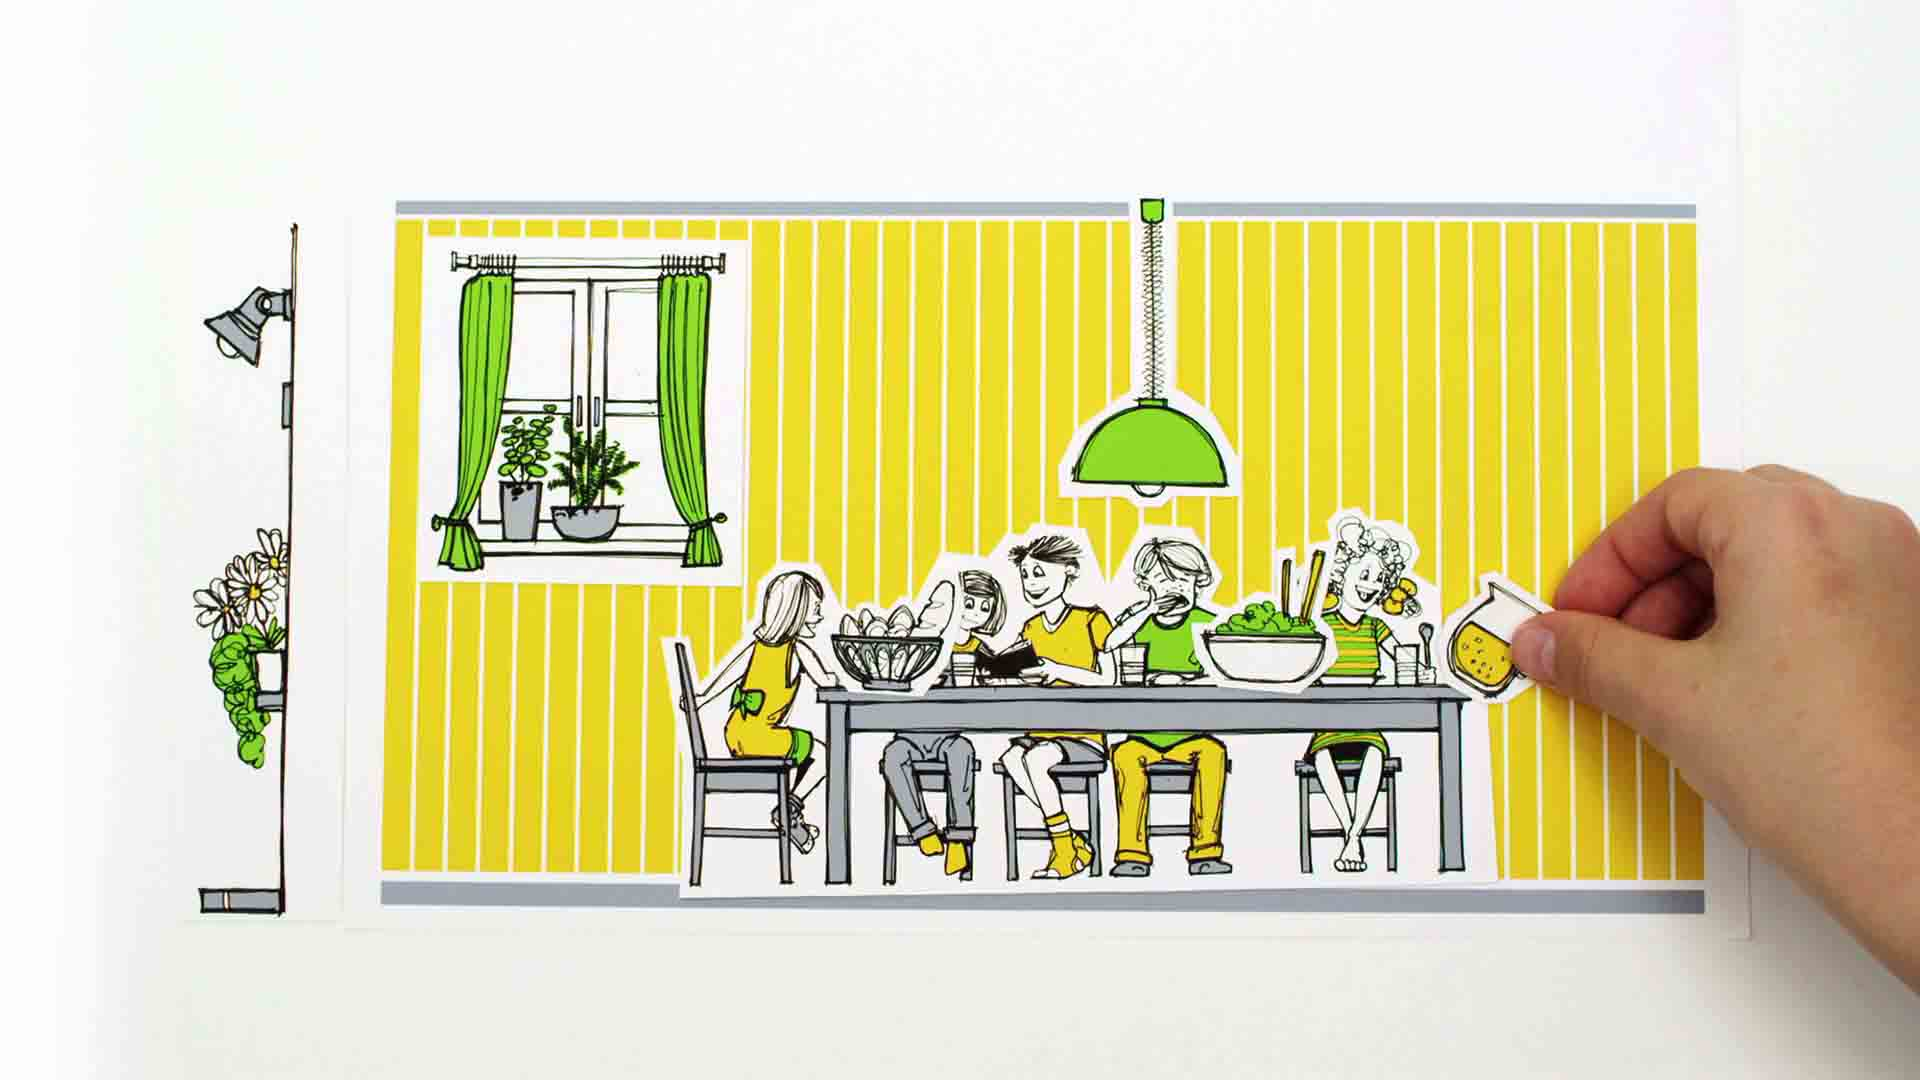 Das Bild zeigt eine Art ausgeschnittenes Papier. Auf diesem sieht man im Animaitonsstil ein Esszimmer gemalt. Die Wand ist geld und vor ihr steht ein großer Tisch an dem Menschen zu mittag essen. Davor ist eine kleine Hand zu sehen, diese greift in das Bild. Das Bild dient als Sliderbild für den Portfolioeintrag Was ist ein SOS-Kinderdorf von Panda Pictures.